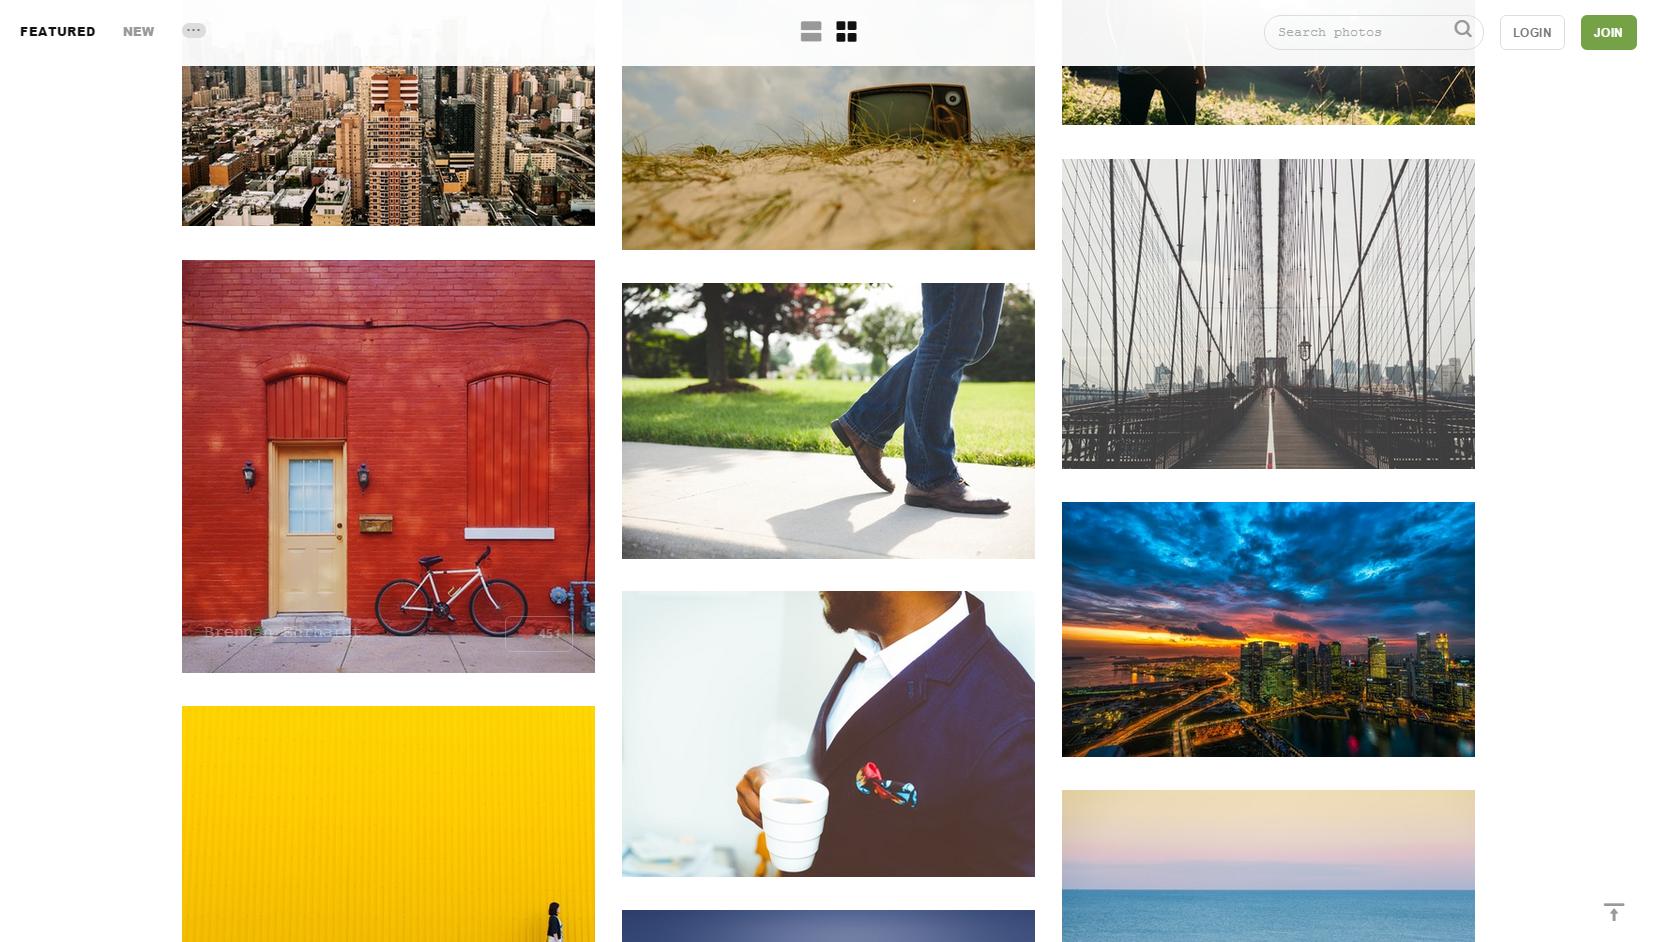 site photos libres de droits Unsplash